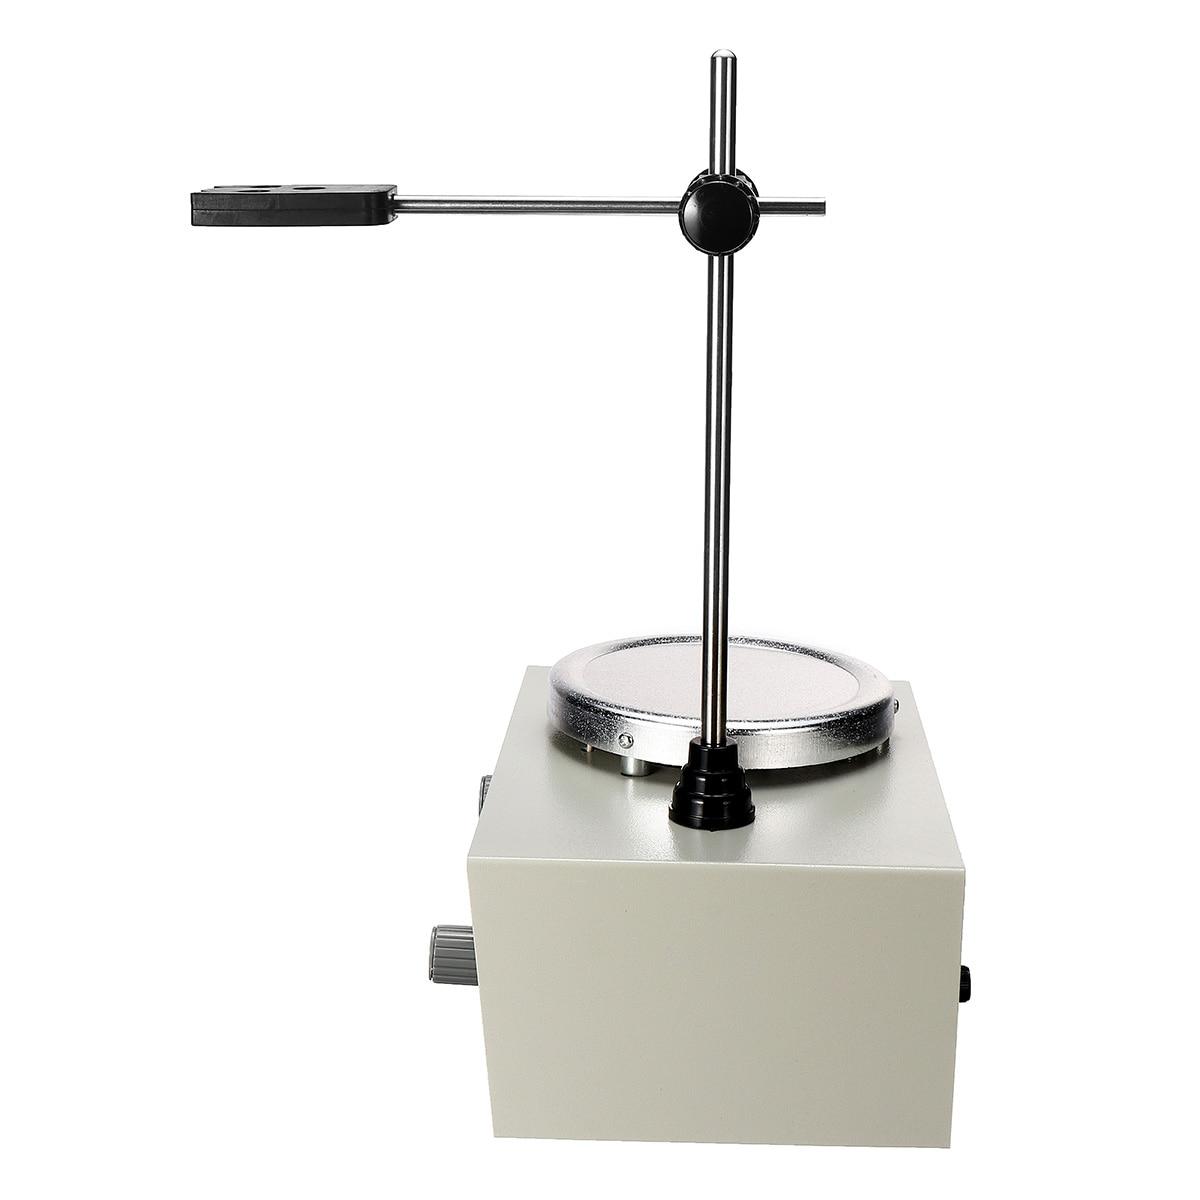 US/AU/EU 79-1 110/220 V 250 W 1000 ml agitateur magnétique à plaque chauffante mélangeur à double commande sans Protection contre les fusibles anti-bruit/vibrations - 6